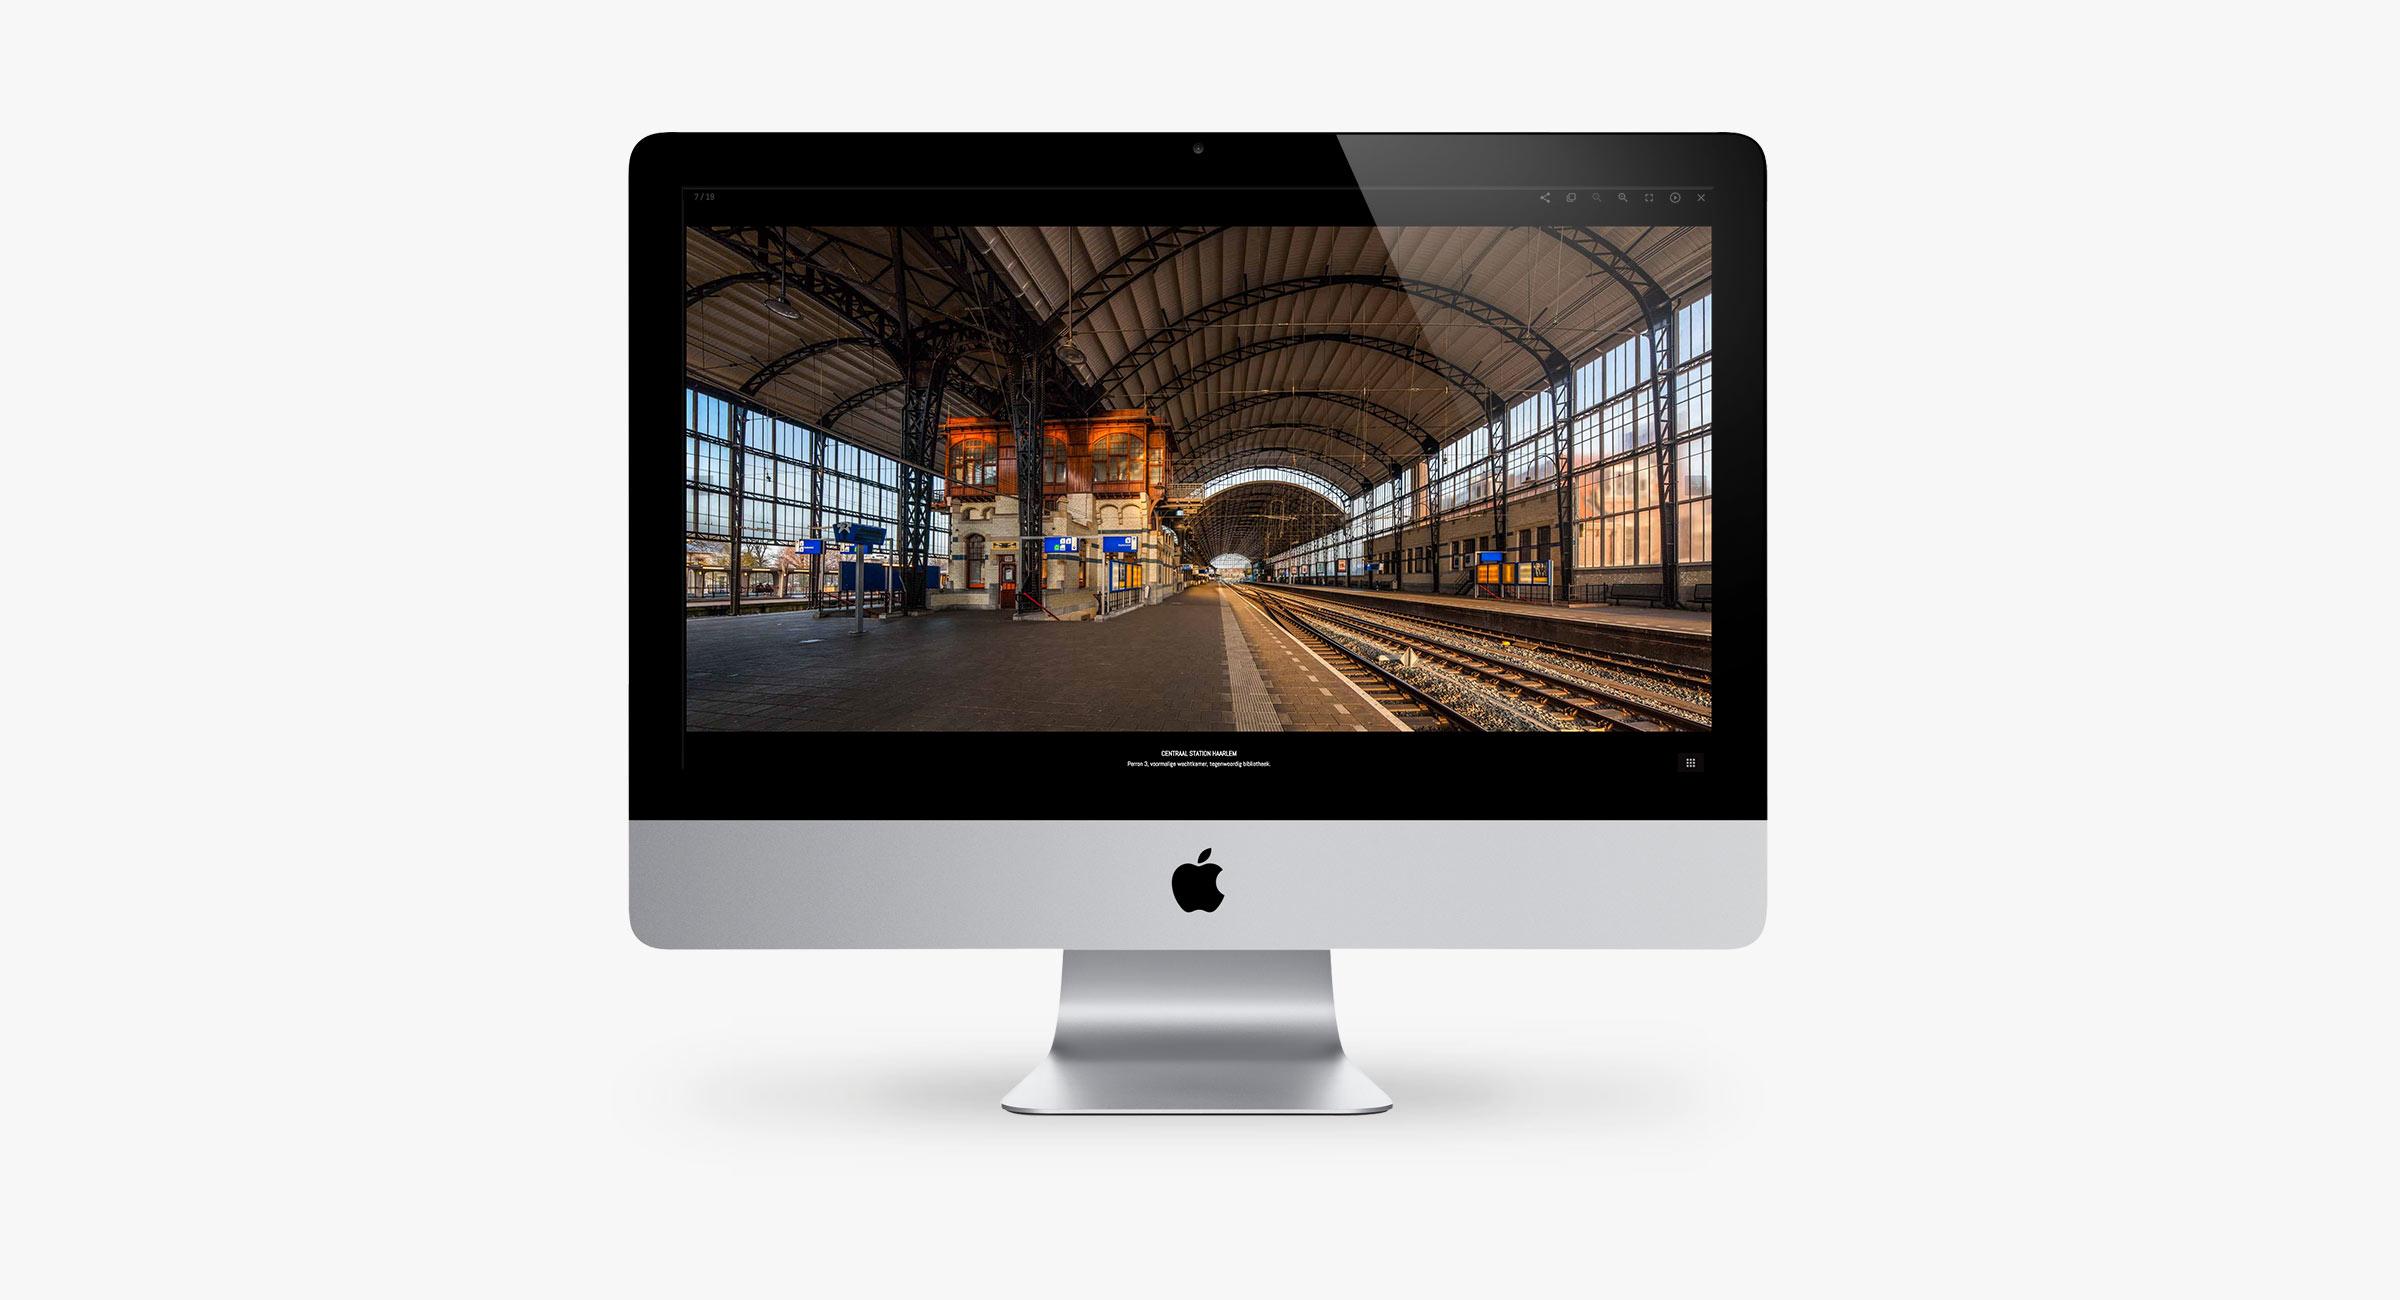 PICADIA-ISEEFORYOU-Website-FullScreen